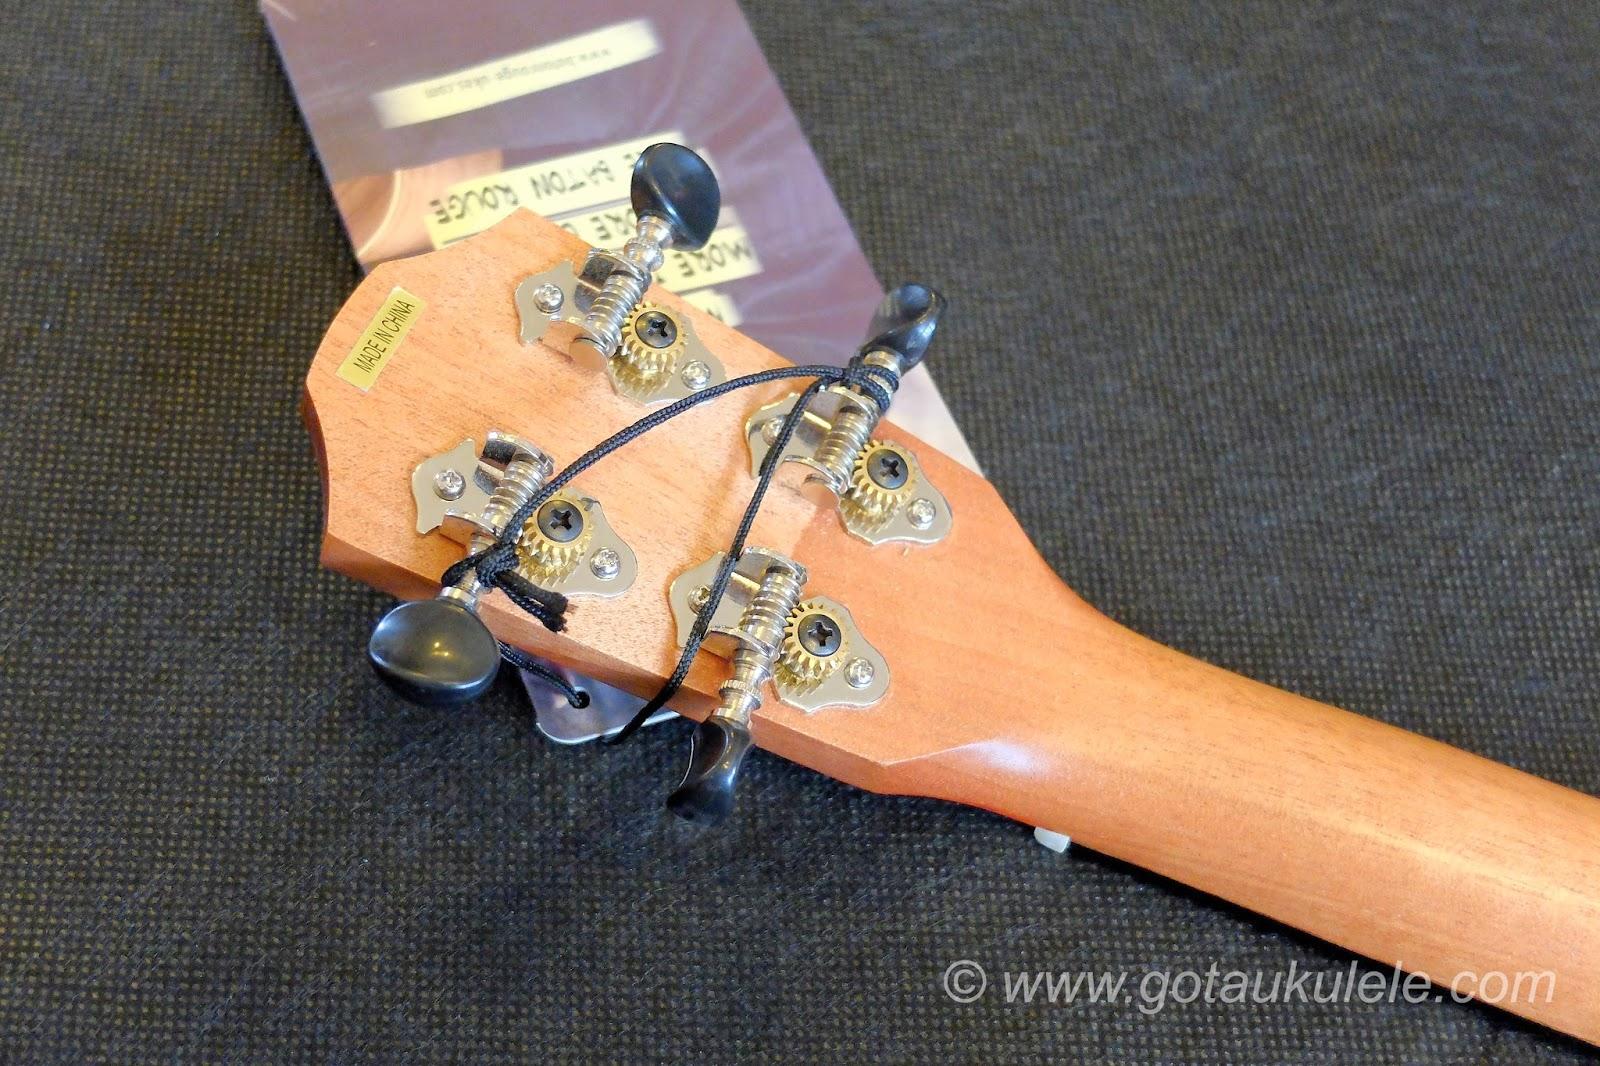 Baton Rouge V2C Sun ukulele tuners